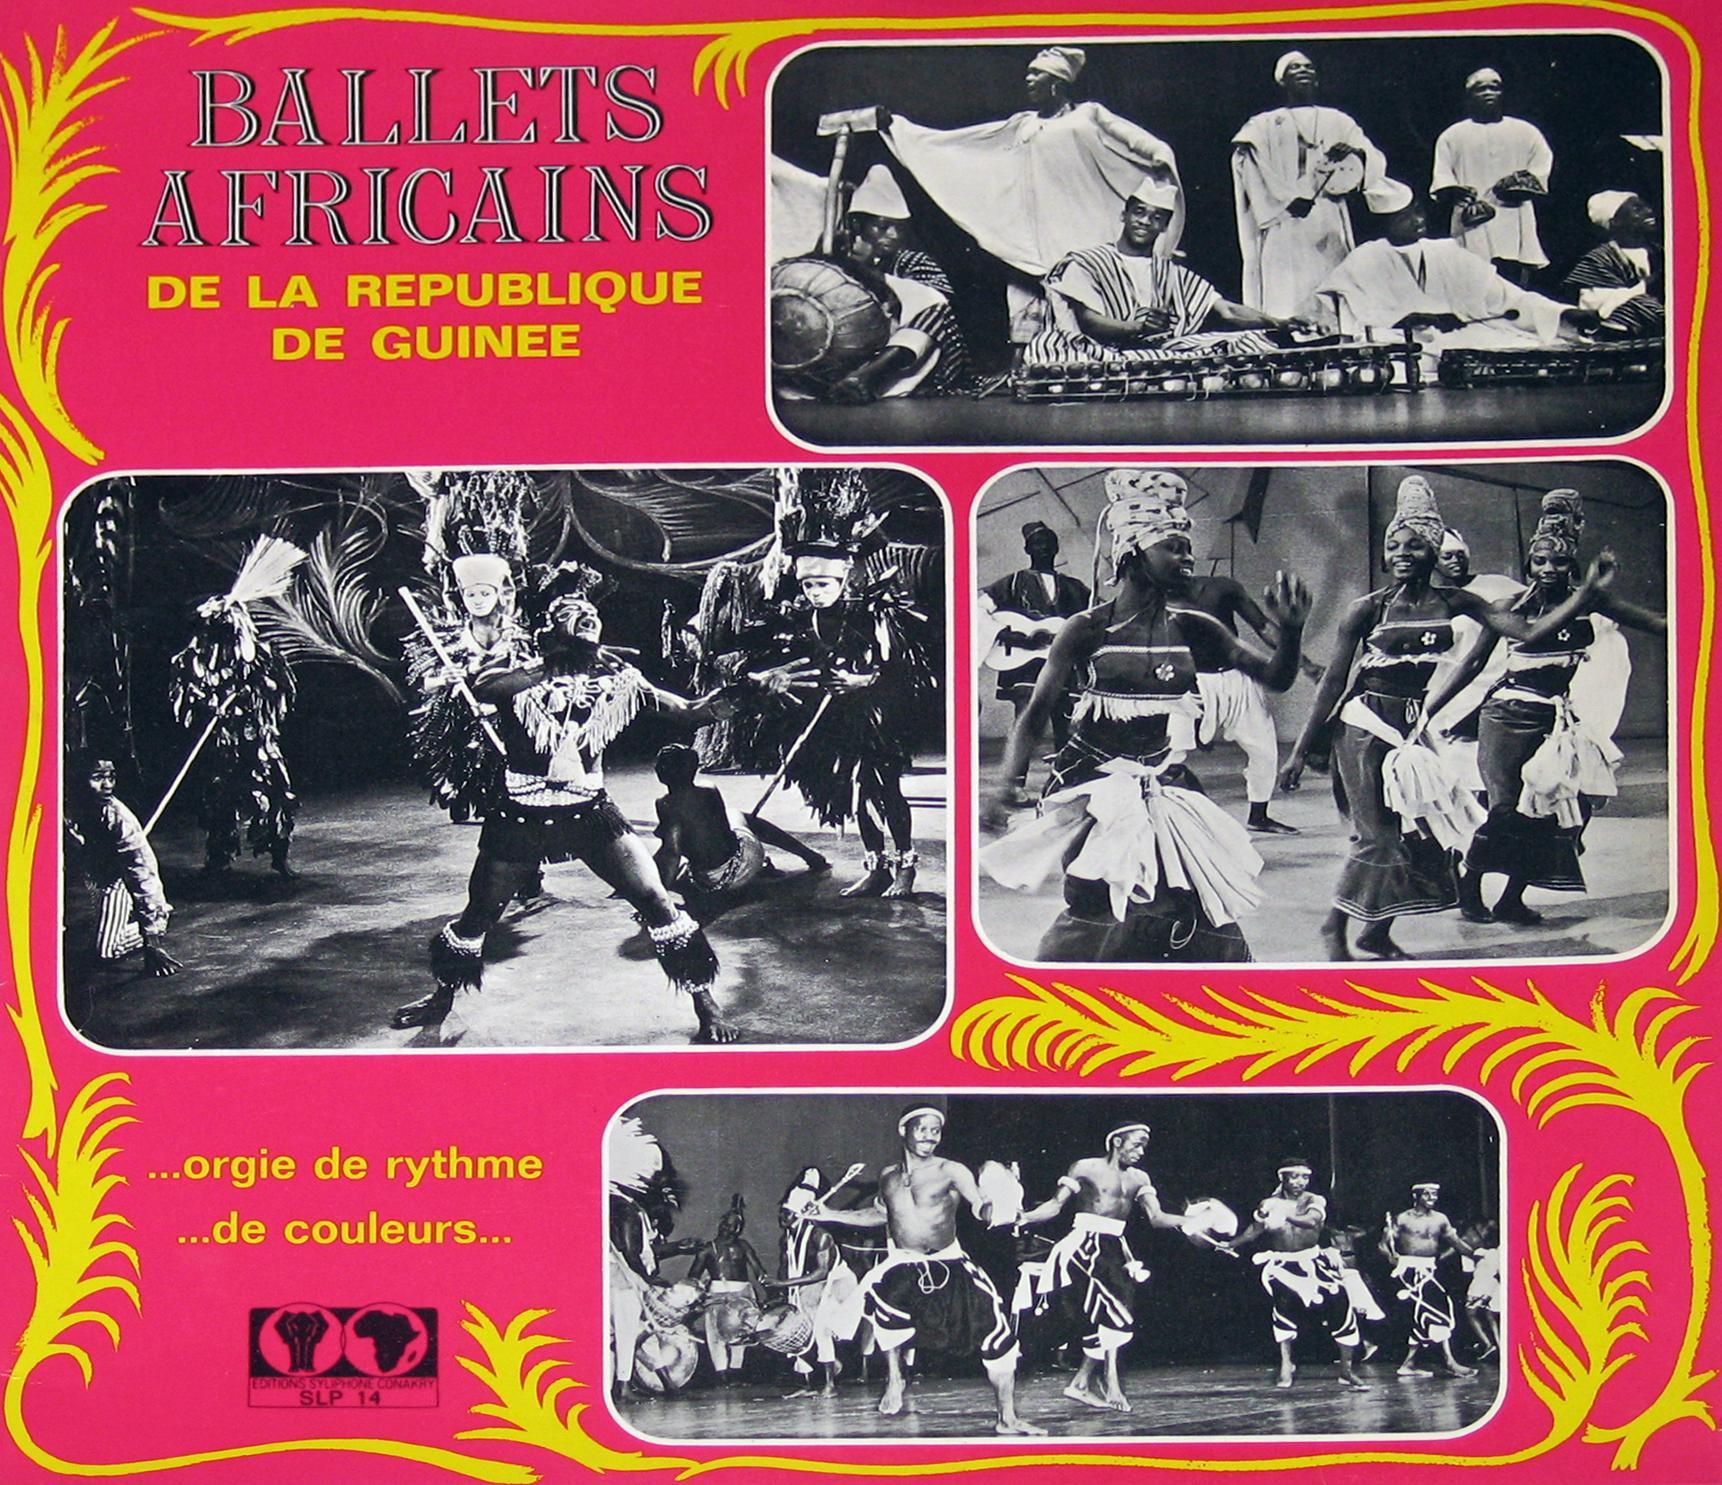 Ballets Africains de la République de Guinée